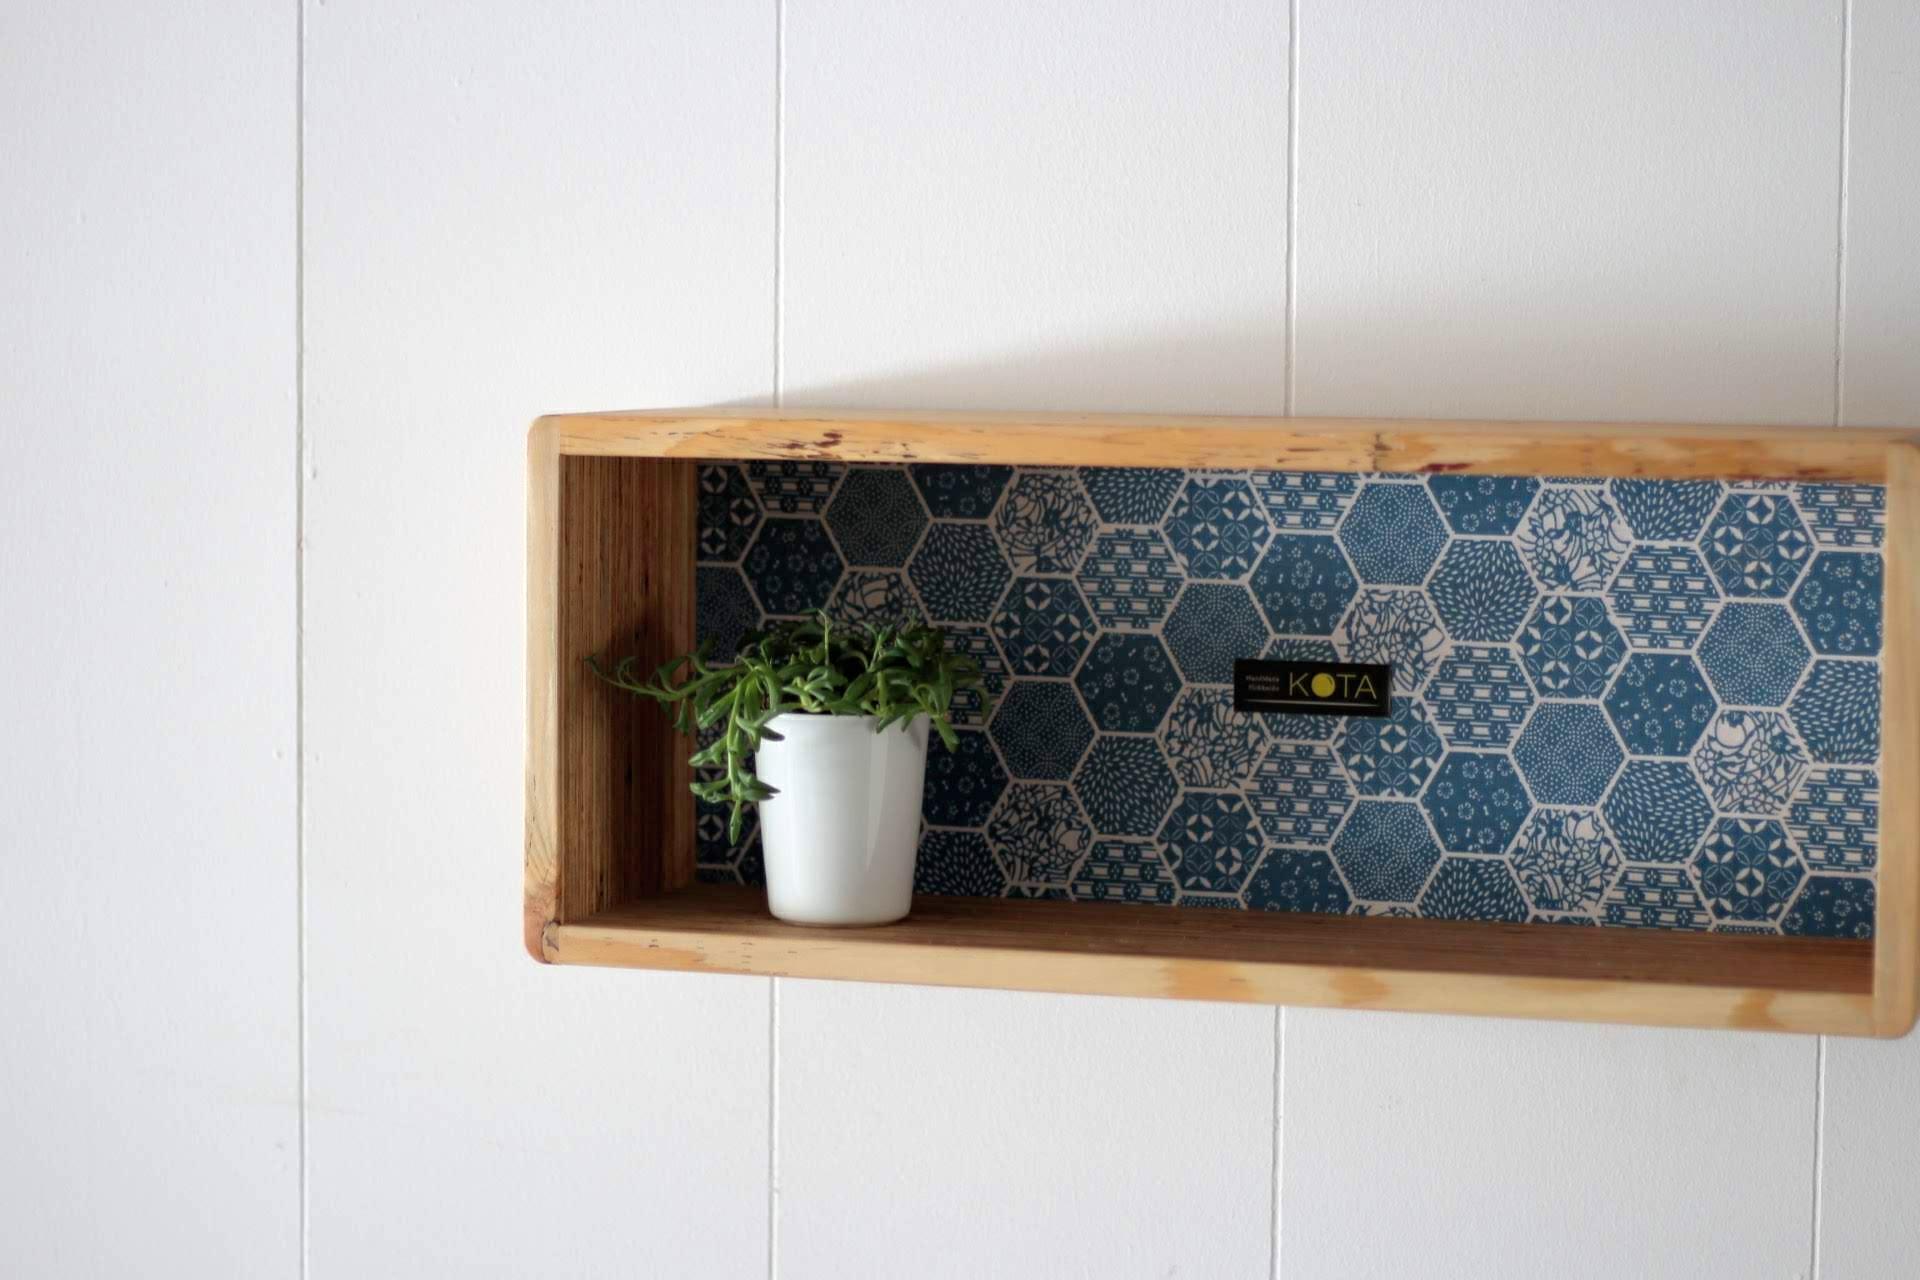 アイテム画像(KOTAオリジナル 和柄箱型飾り棚(和柄ブルー))メイン